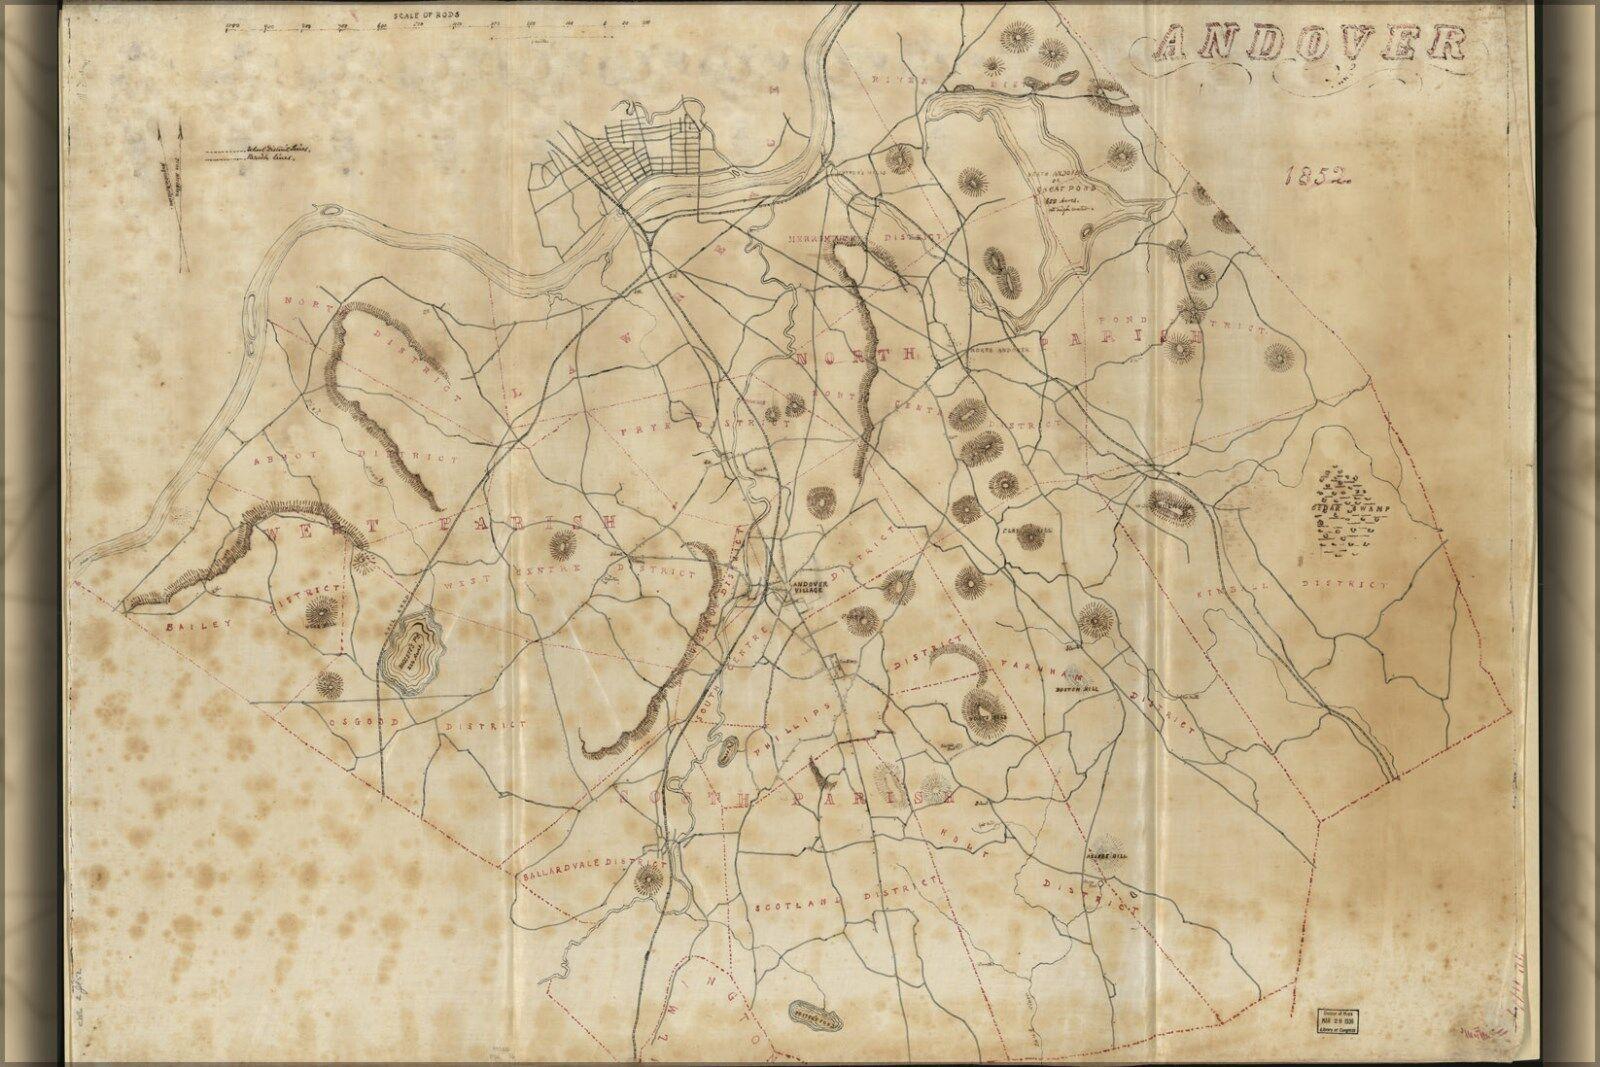 Plakat, Viele Größen; Karte von Andover Massachusetts 1852